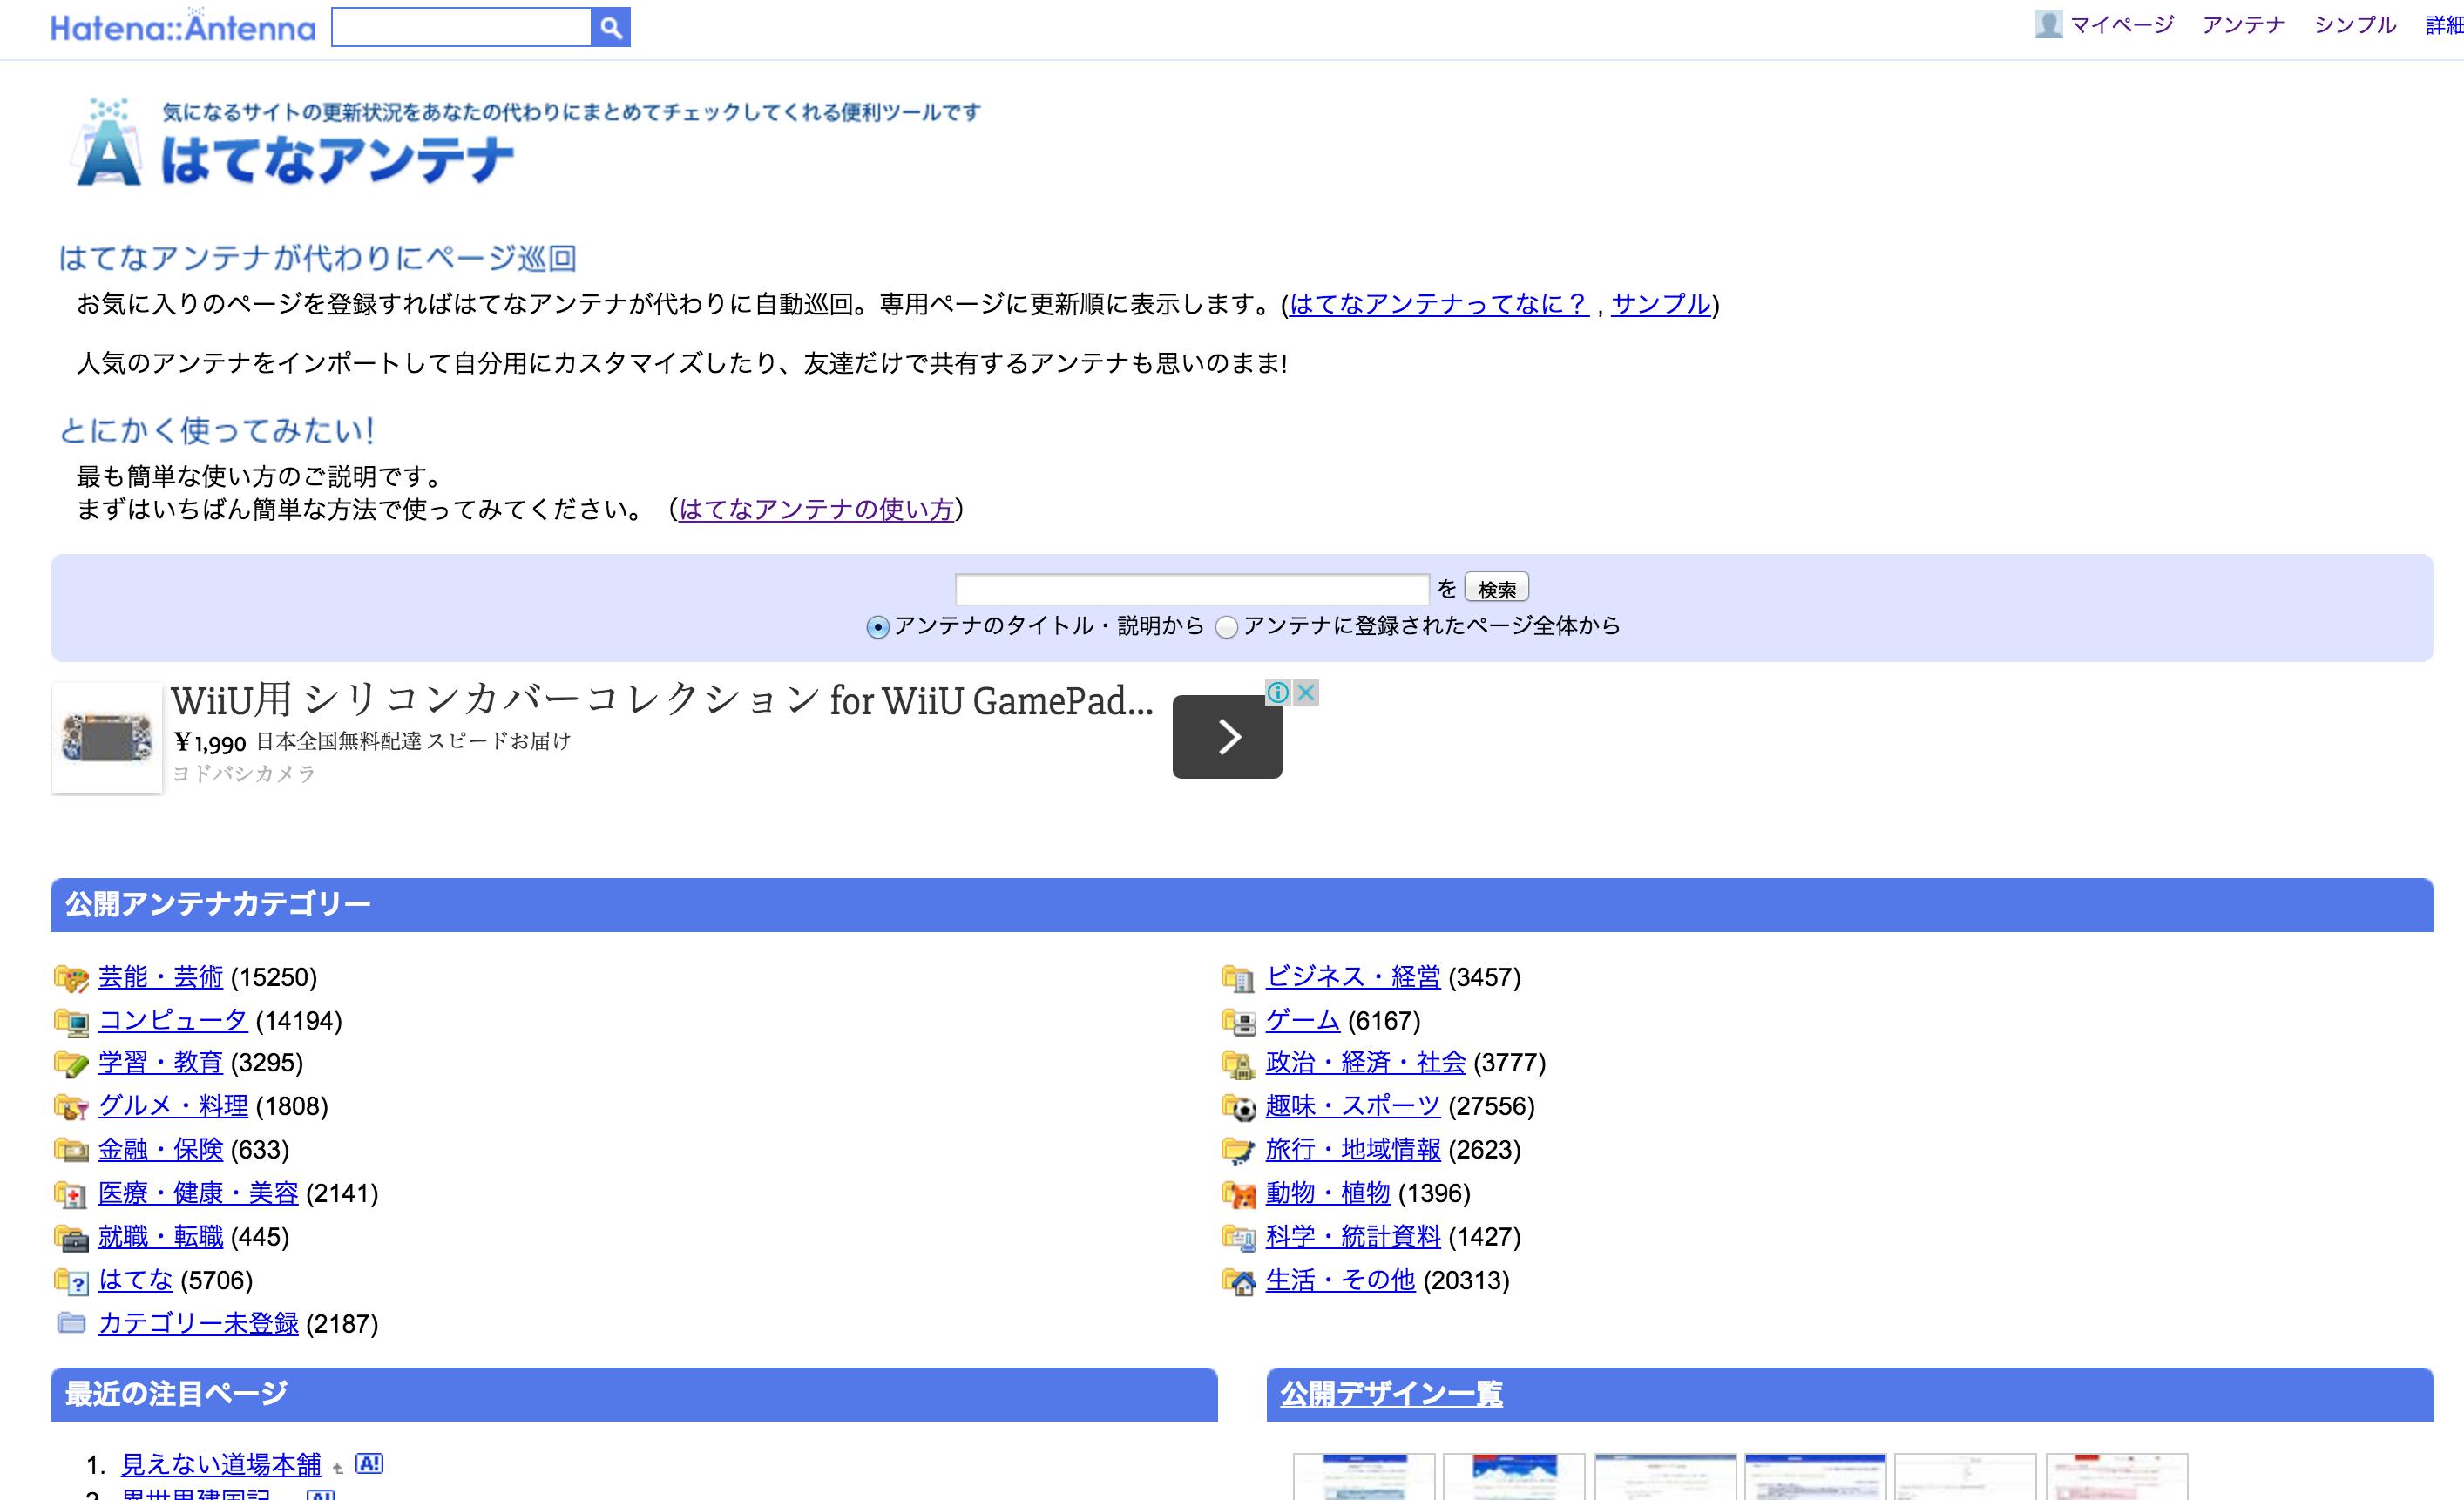 スクリーンショット 2015-12-16 0.27.55